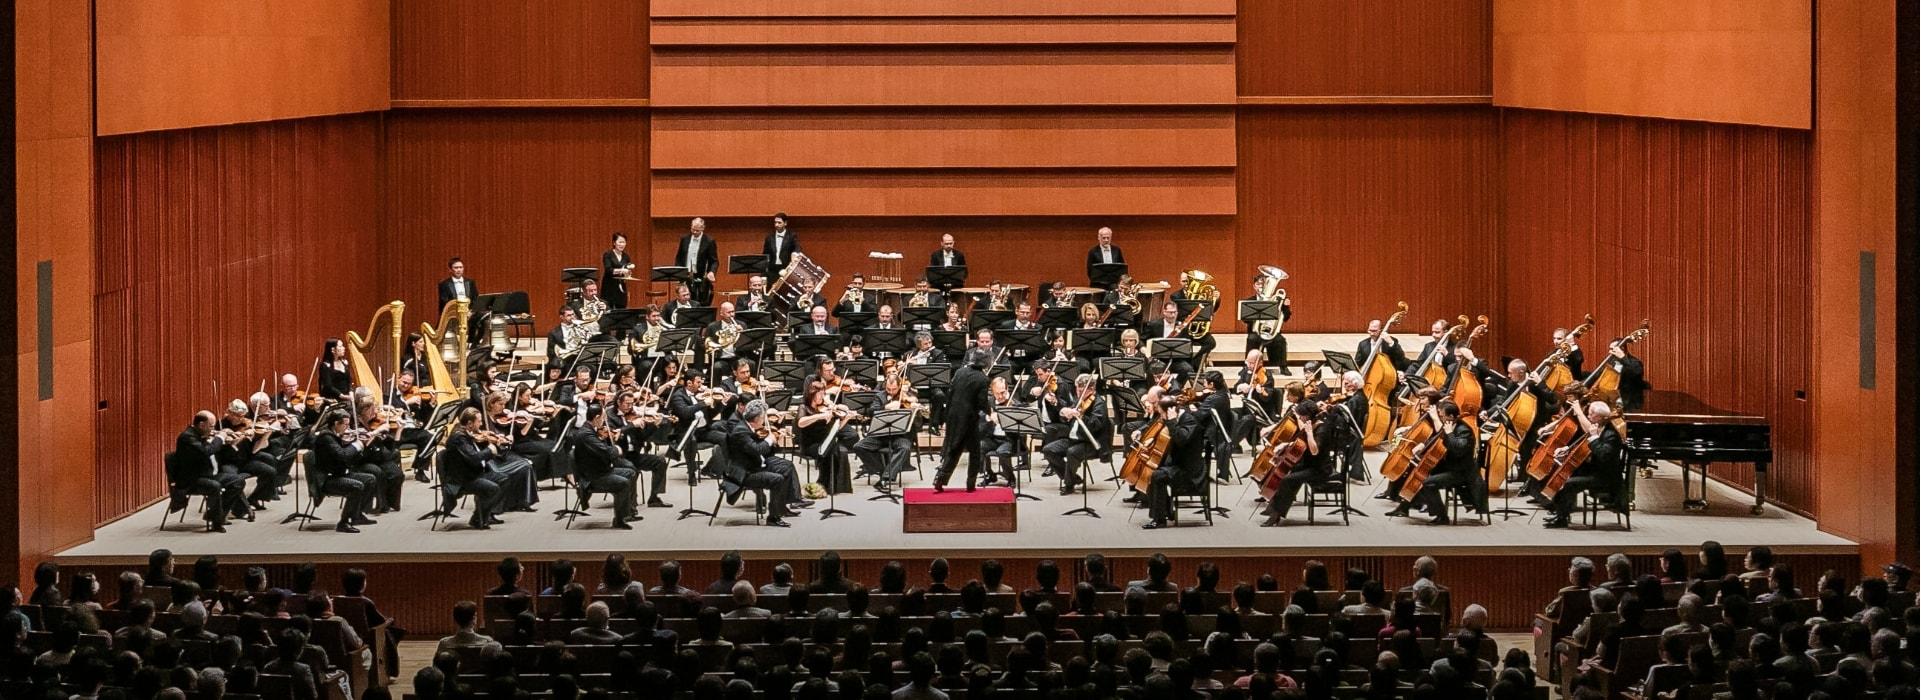 写真:オーケストラ演奏風景